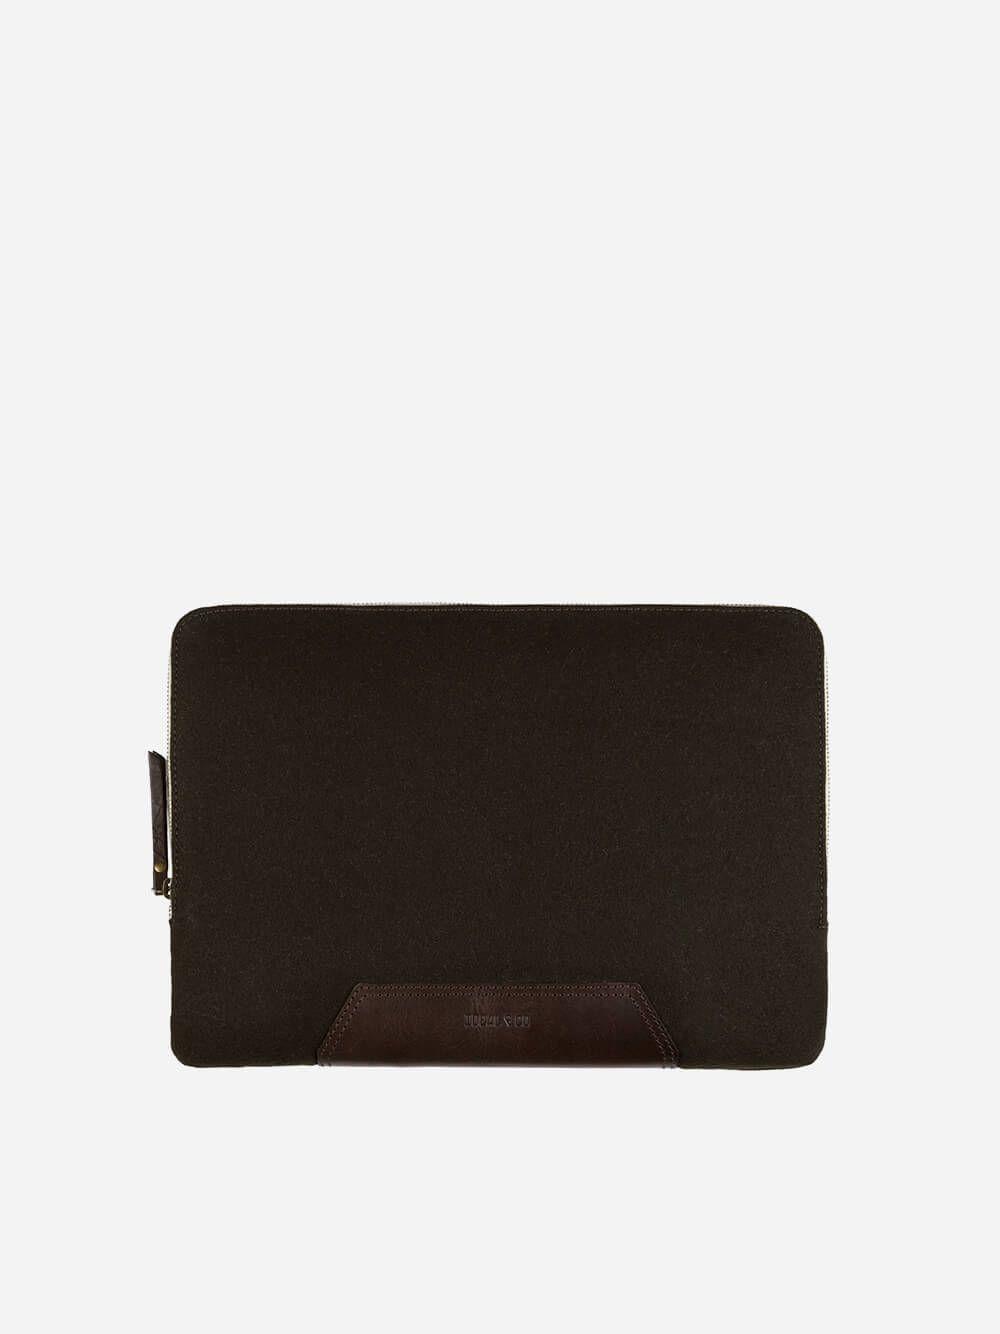 Dolinda Tablet-Laptop Sleeve I | Ideal & Co